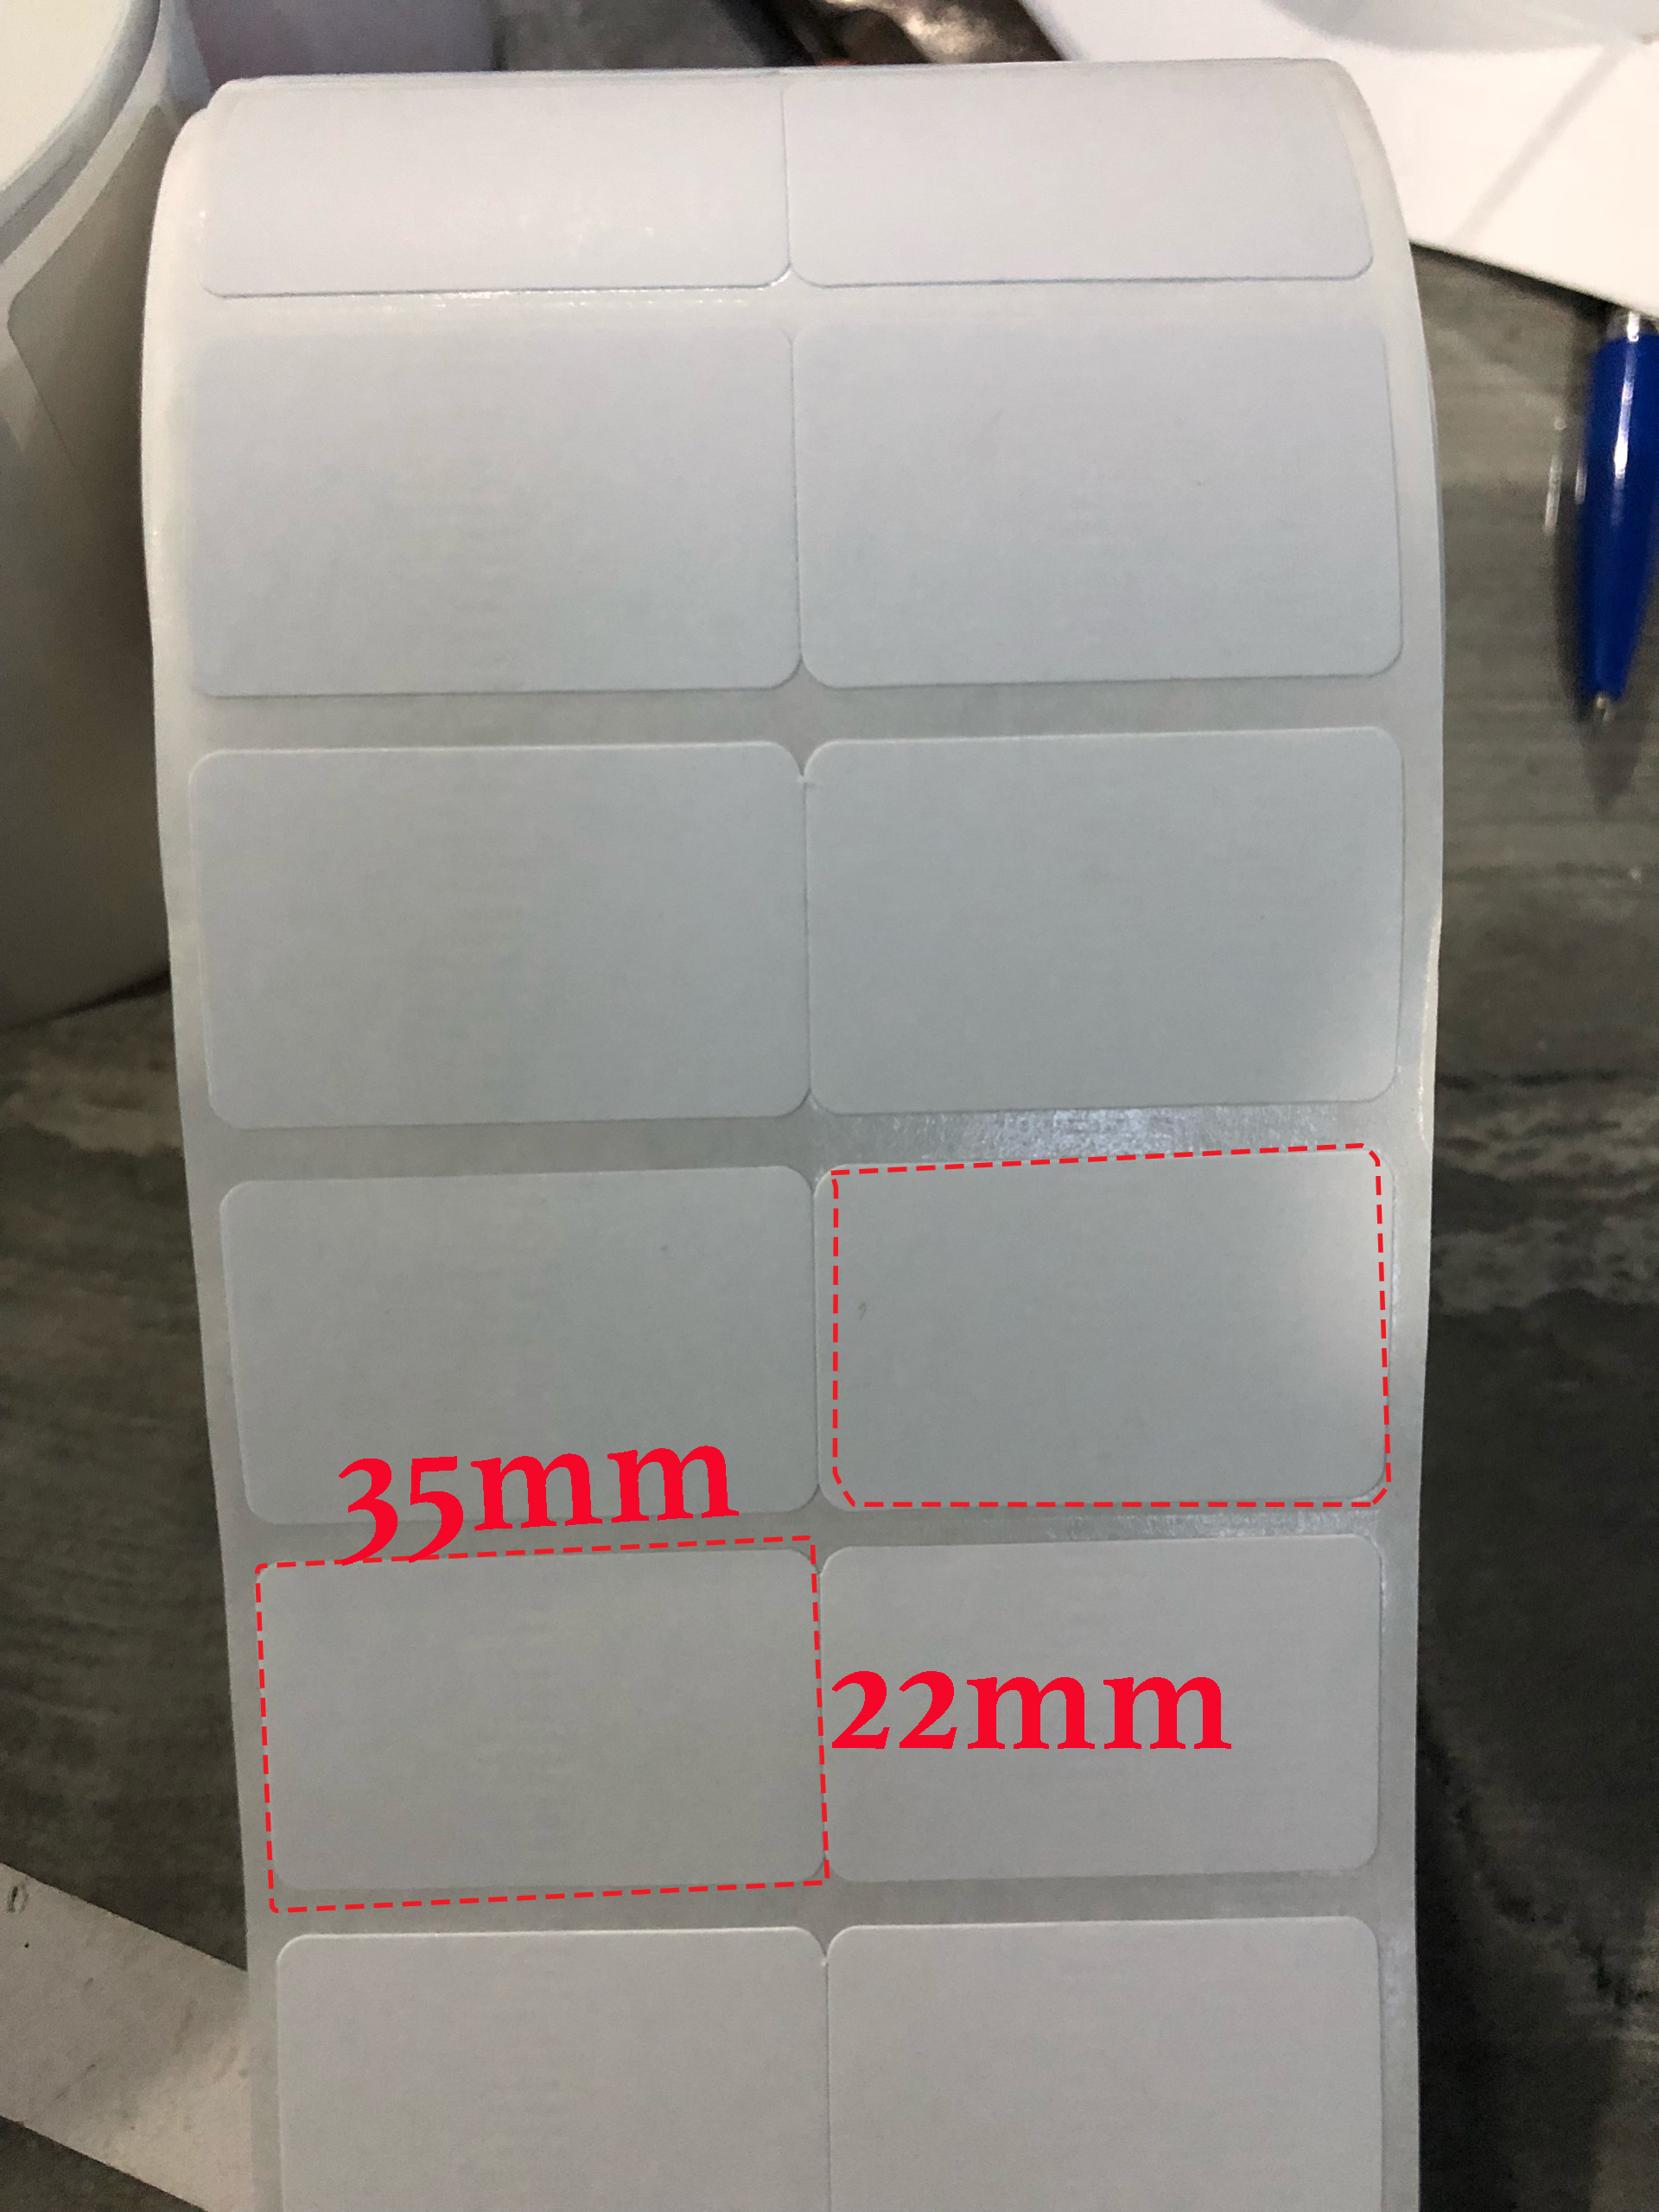 Giấy in mã vạch 2 tem nhiệt 35x22mm (cuộn 30m)